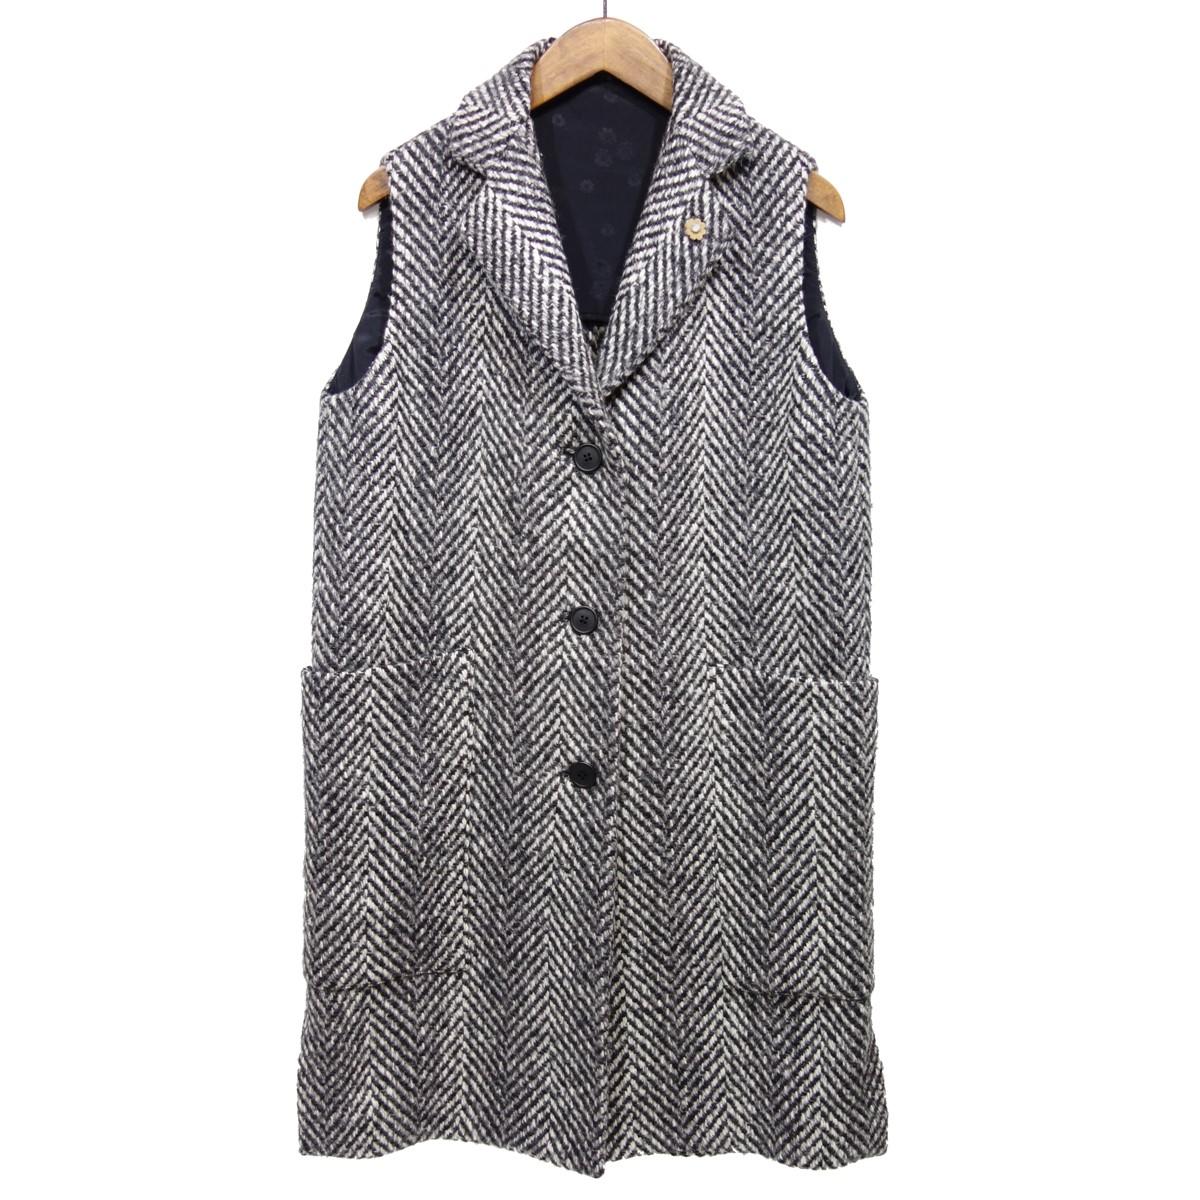 【中古】LARDINI ウールノースリーブ コート ブラック×ホワイト サイズ:38 【170120】(ラルディーニ)